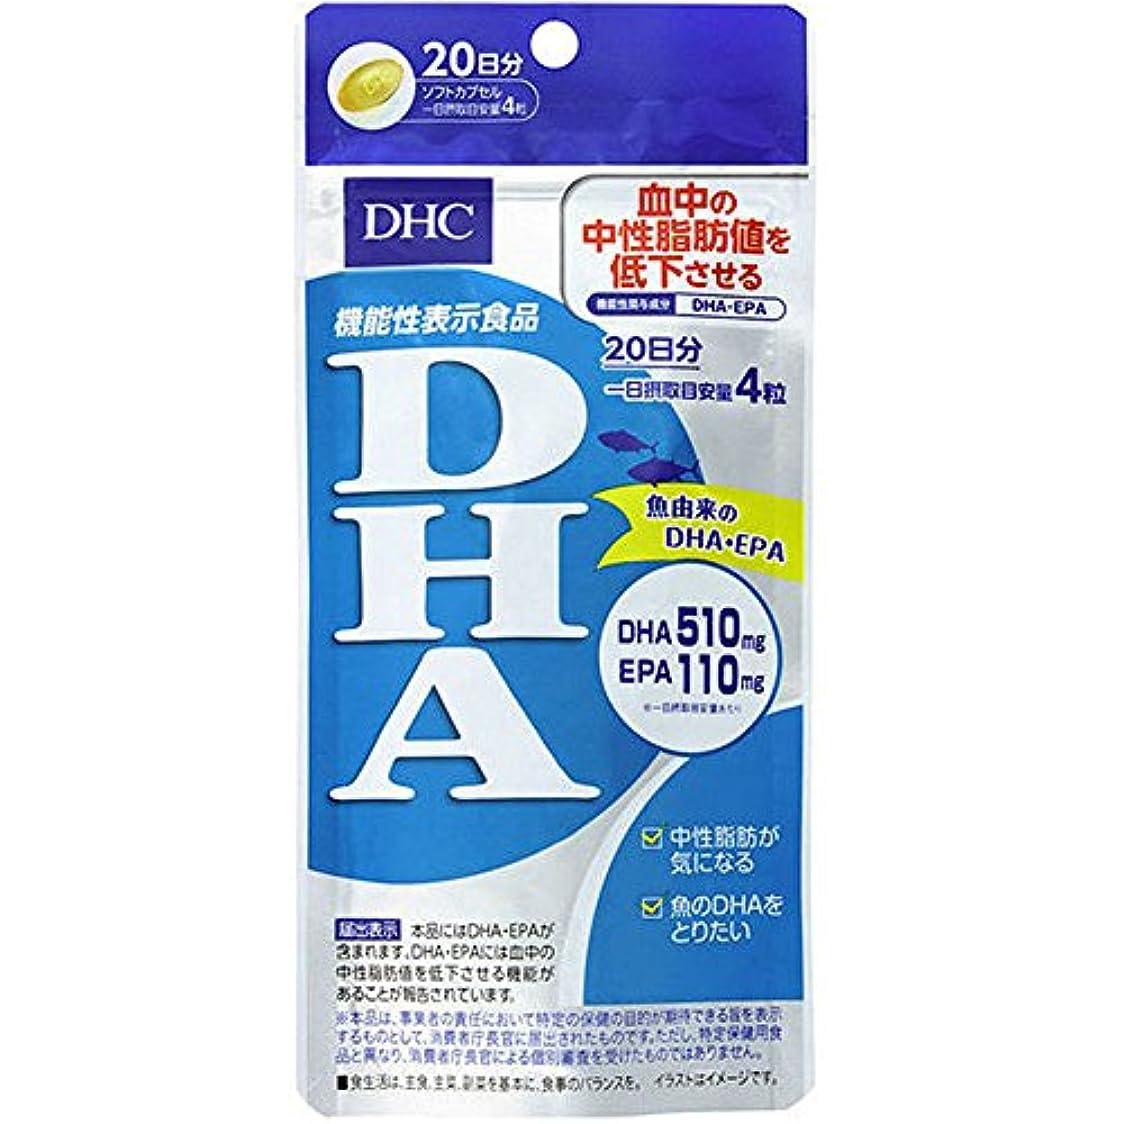 サージ花輪上下するDHC DHA 20日分 80粒 【機能性表示食品】